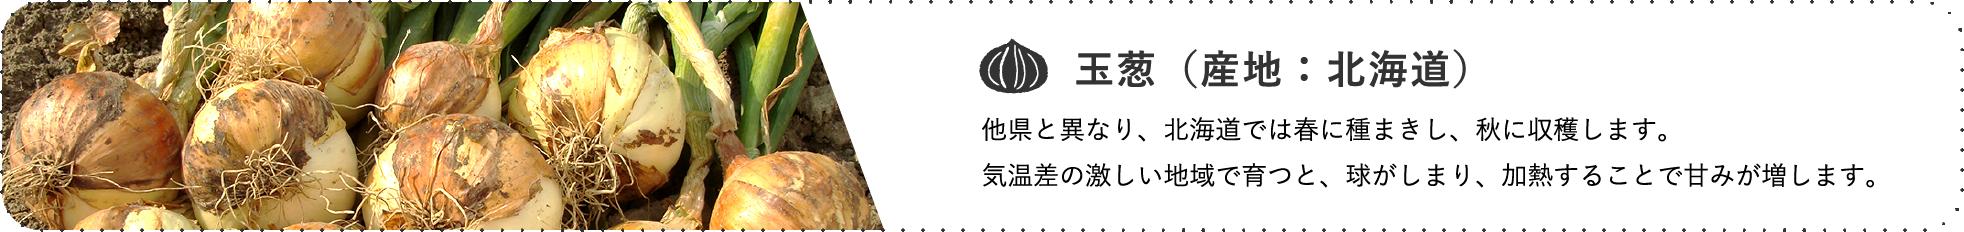 玉葱(産地:北海道) / 他県と異なり、北海道では春に種まきし、秋に収穫します。気温差の激しい地域で育つと、球がしまり、加熱することで甘みが増します。